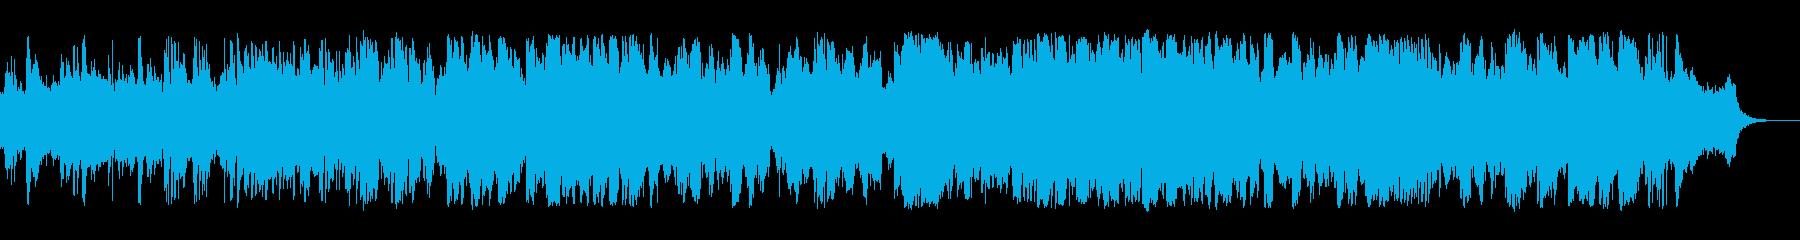 エアリアル サスペンス 説明的 静...の再生済みの波形